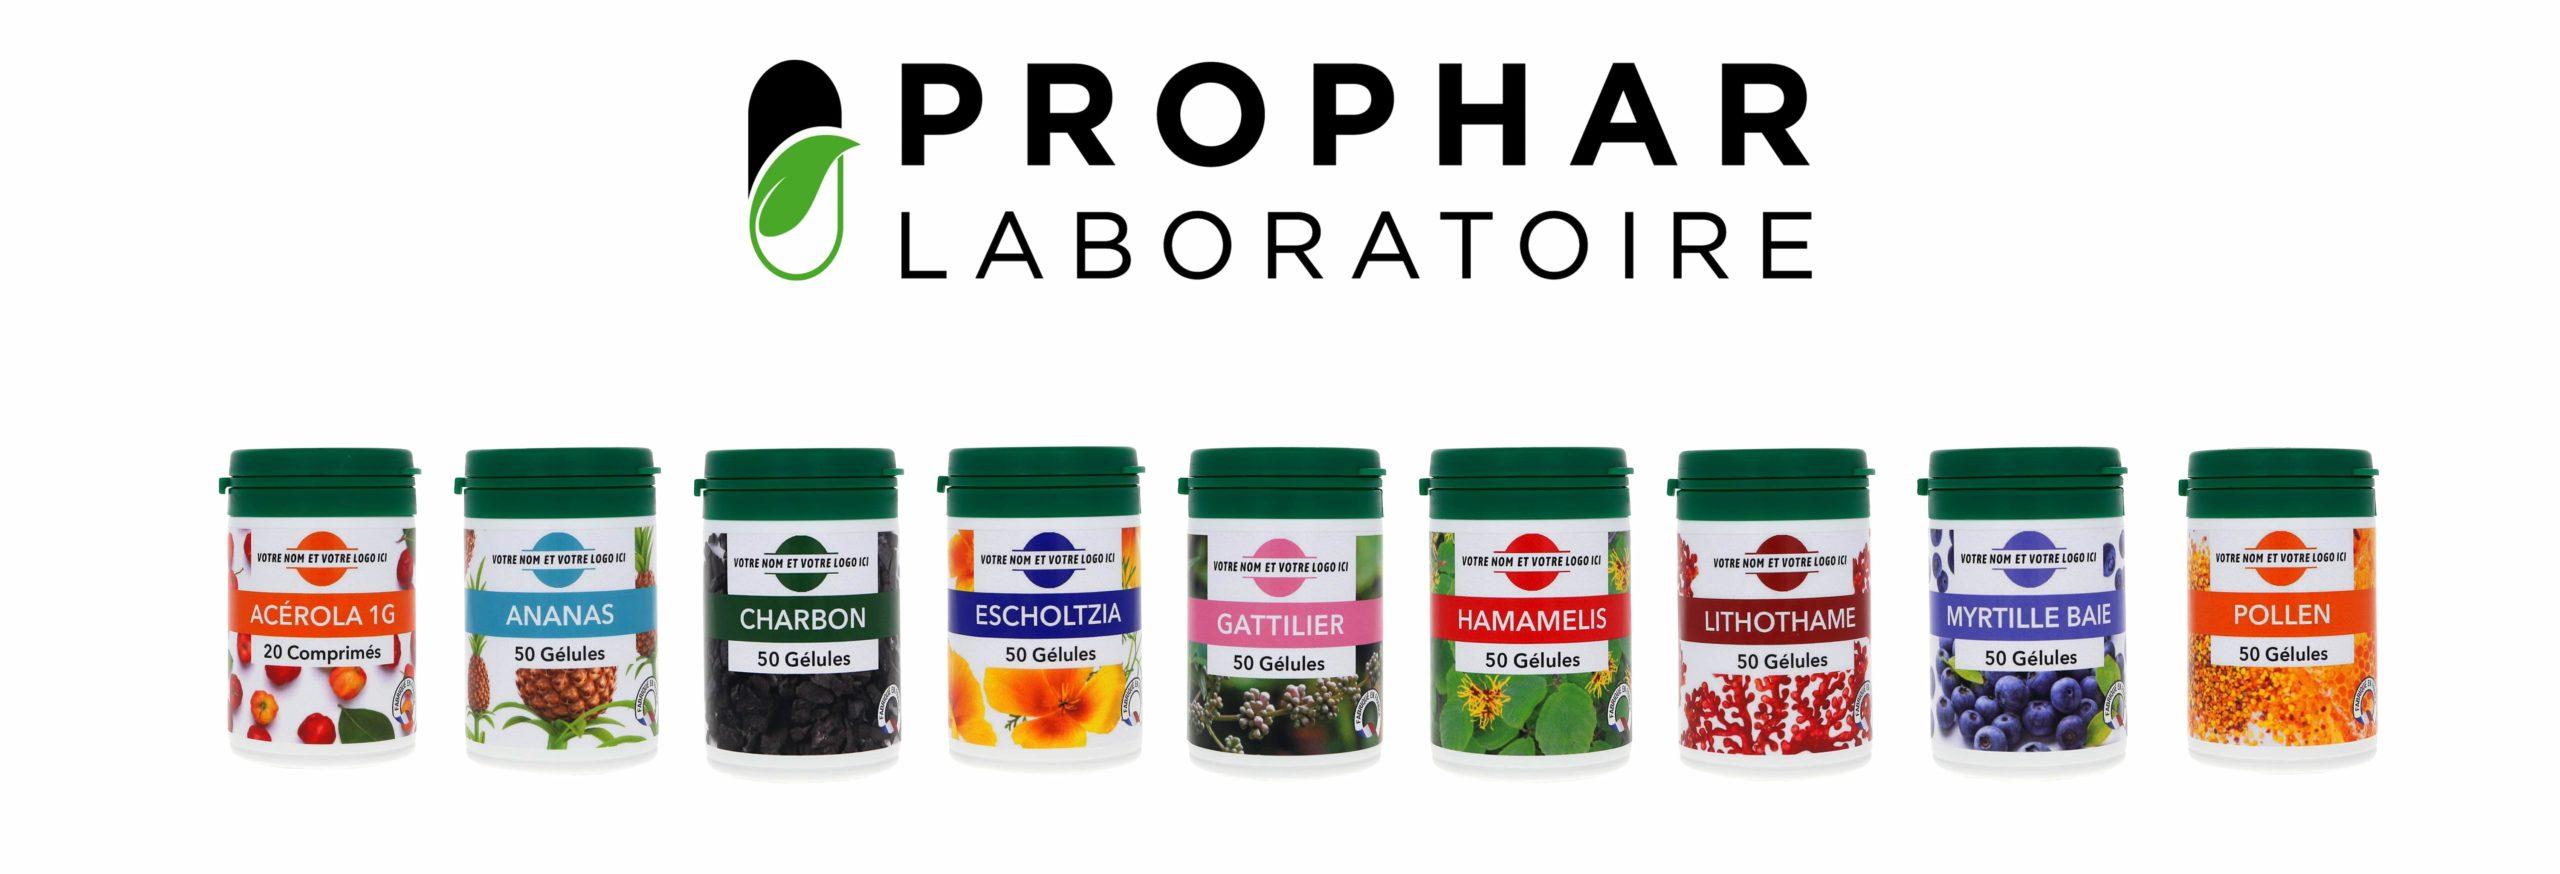 Laboratoire Prophar - Full Service - Faconnage et conditionnement de complément alimentaires